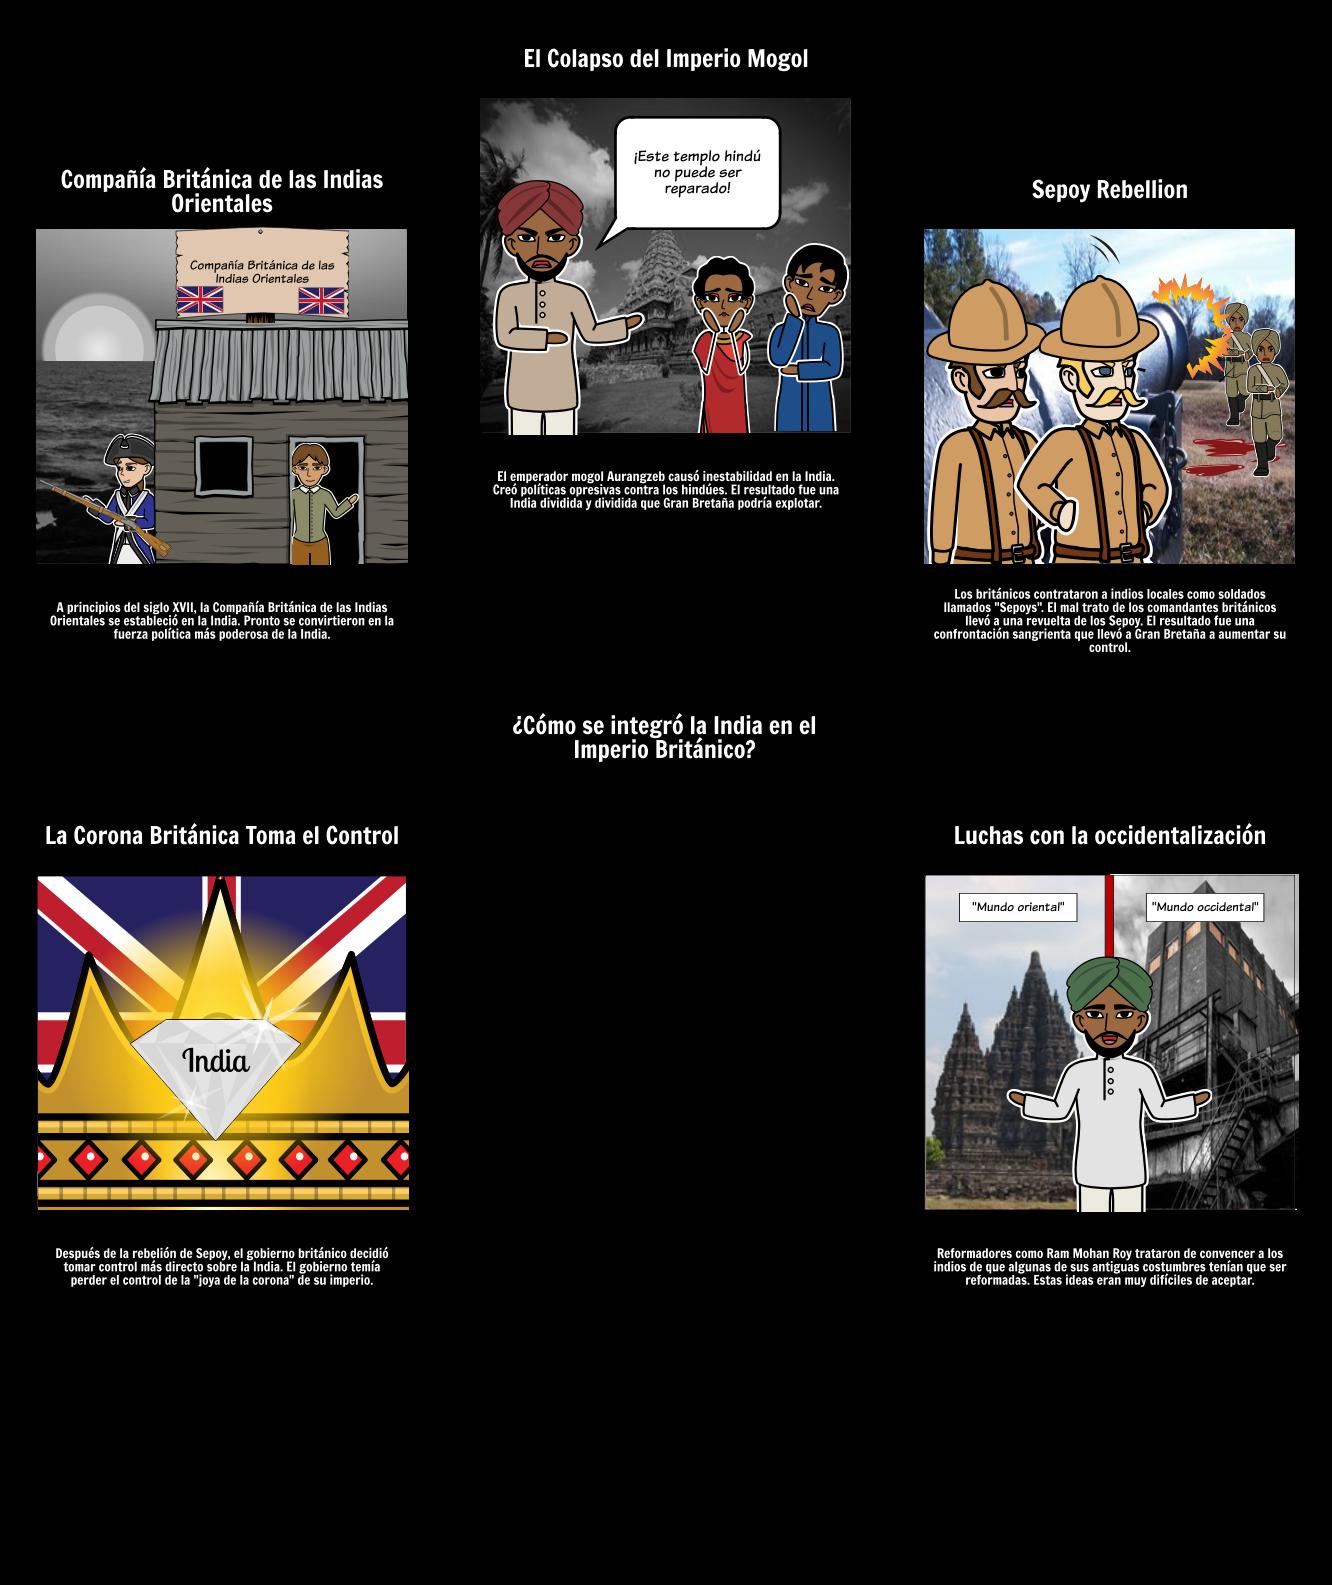 La India en el Imperio Británico